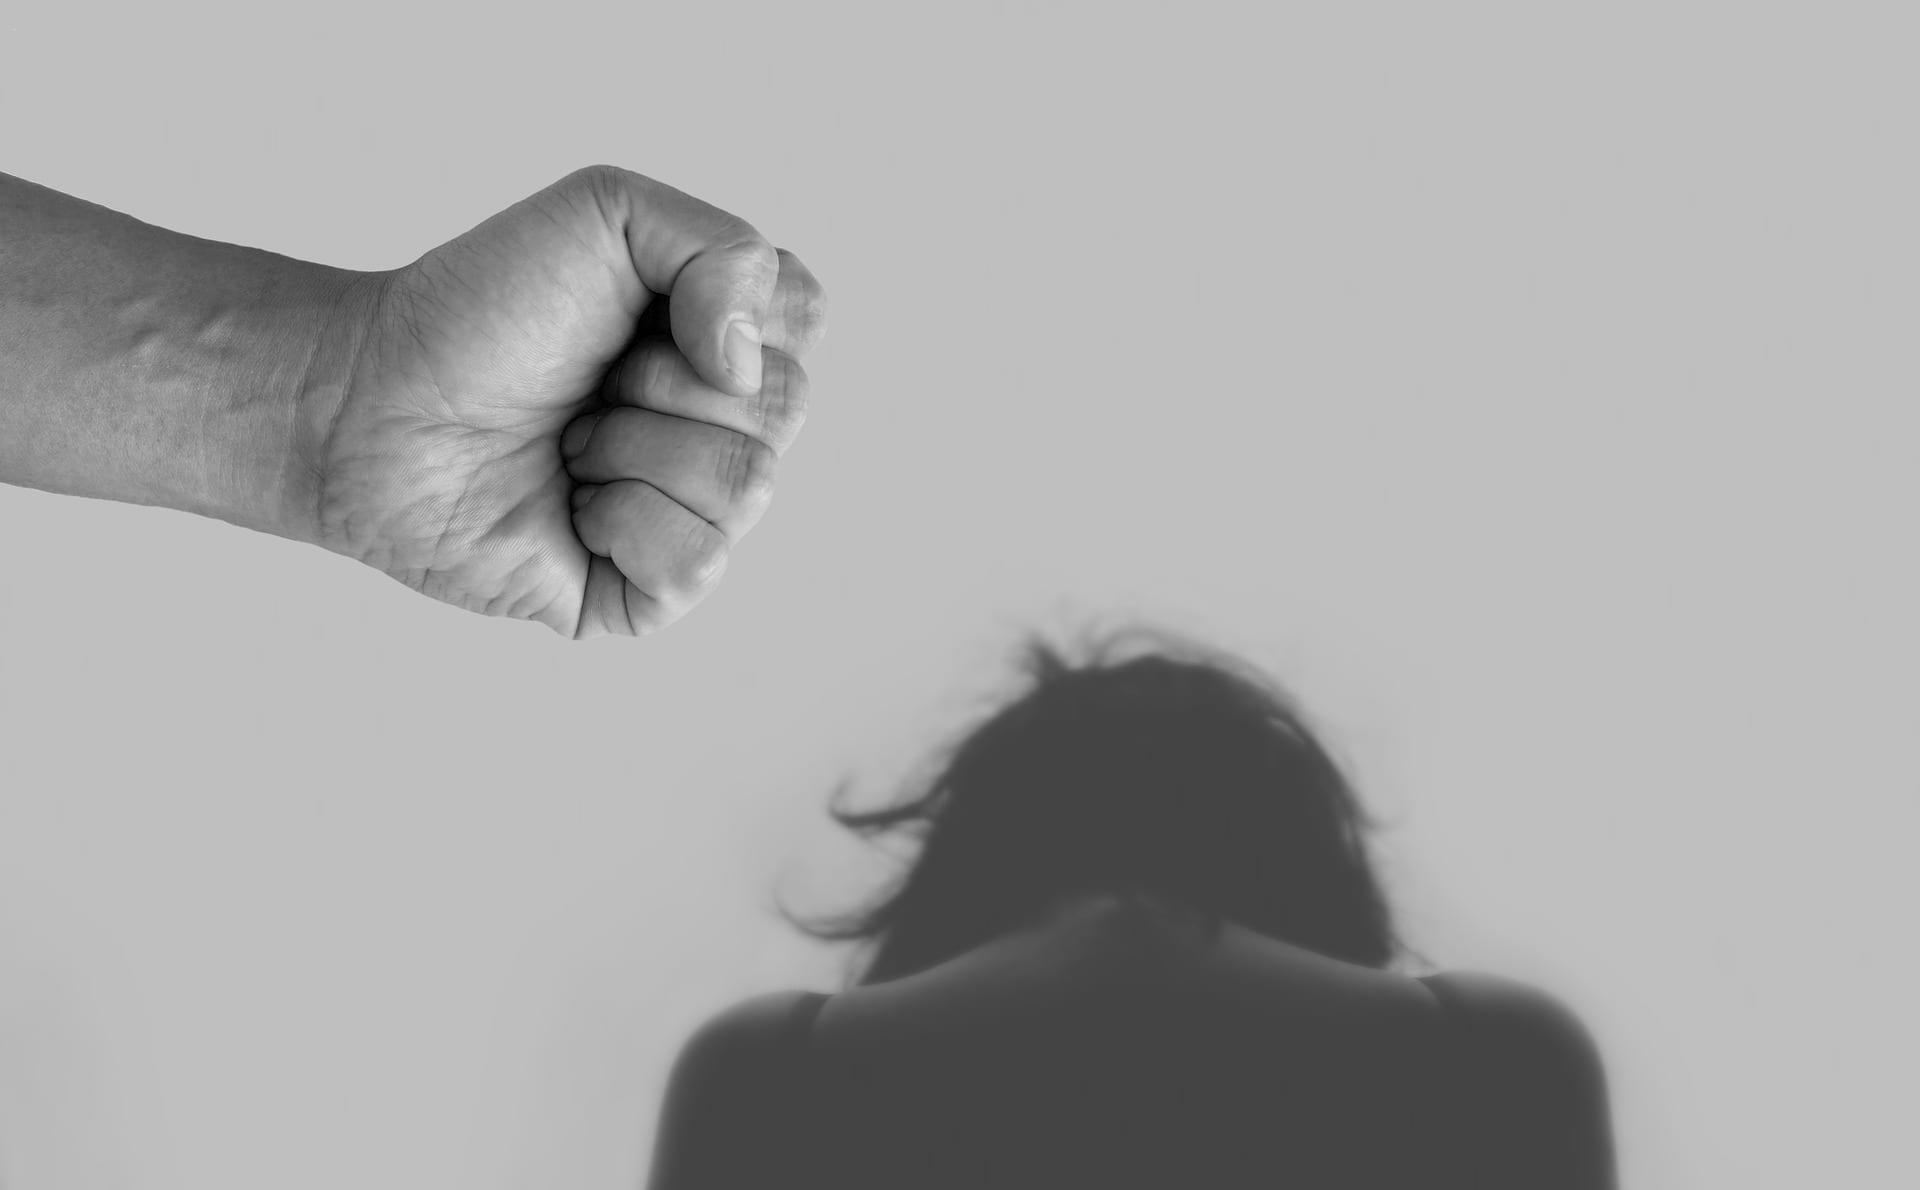 violencia contra la mujer, violencia de género